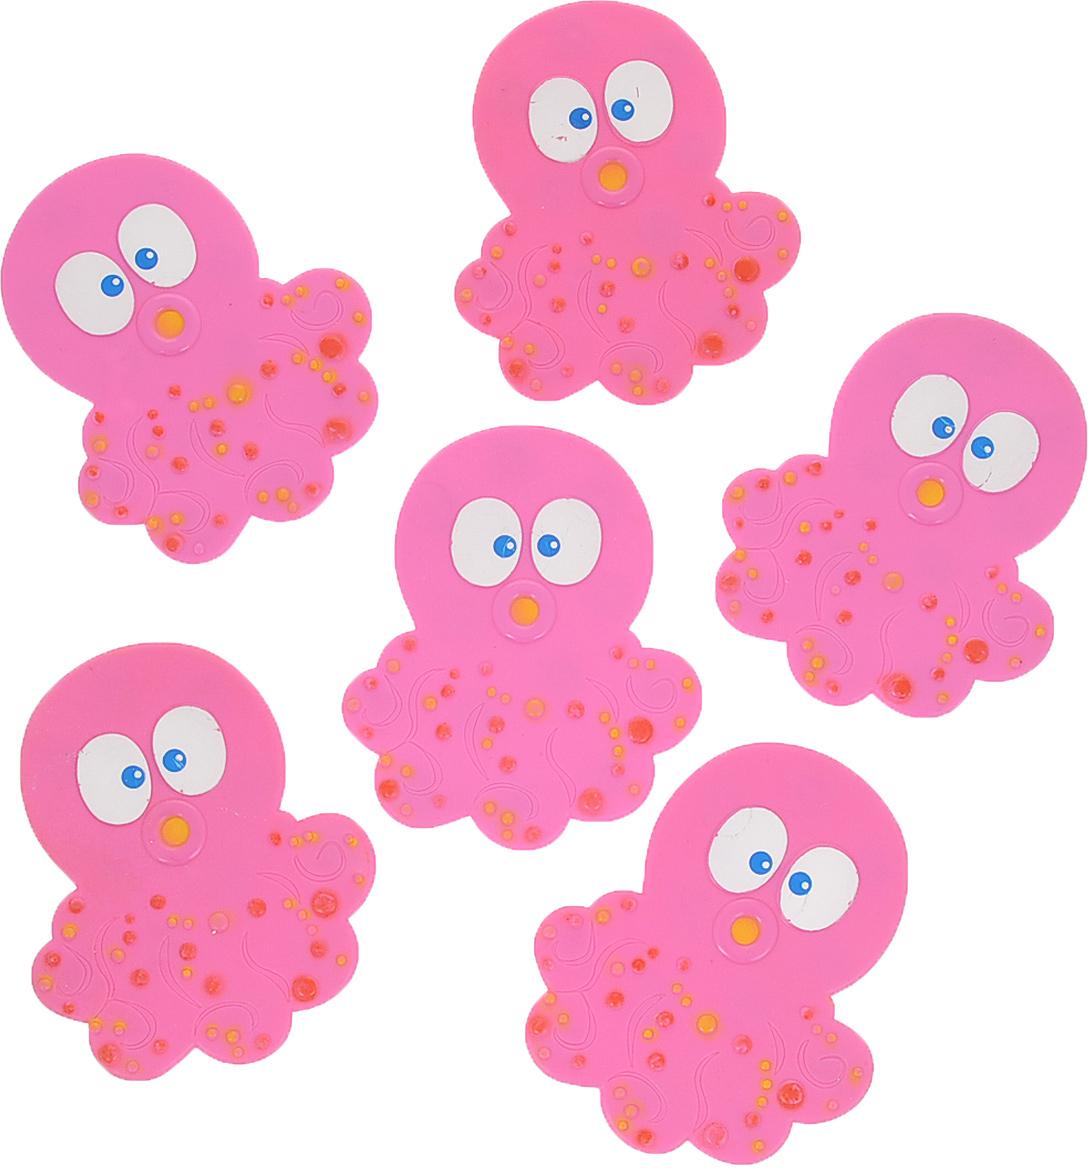 """Набор Dom Company """"Осьминог"""" состоит из шести мини-ковриков для ванной, изготовленных из 100% полимерных материалов в форме забавных осьминогов. Коврики оснащены присосками, предотвращающими скольжение. Их можно крепить на дно ванны или использовать как декор для плитки. Коврики легко чистить."""